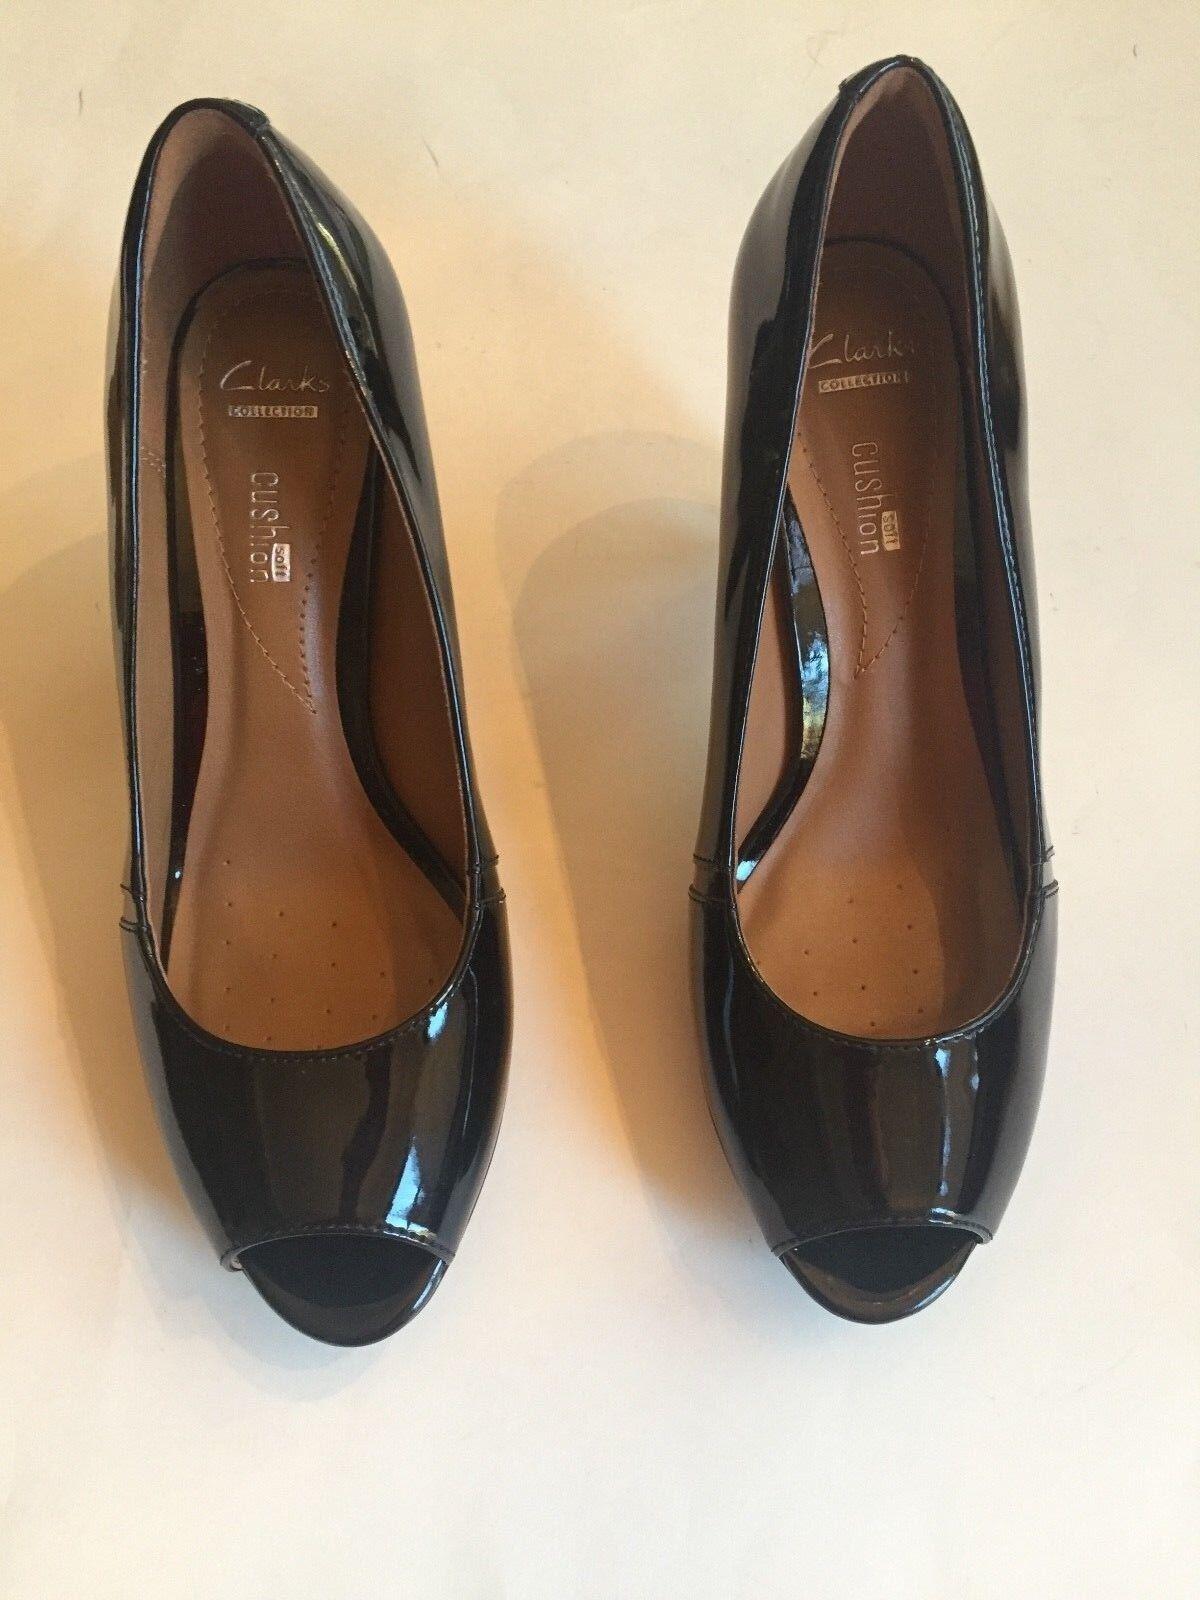 CLARK'S - Noir Cuir verni talon-Neuf, jamais porté